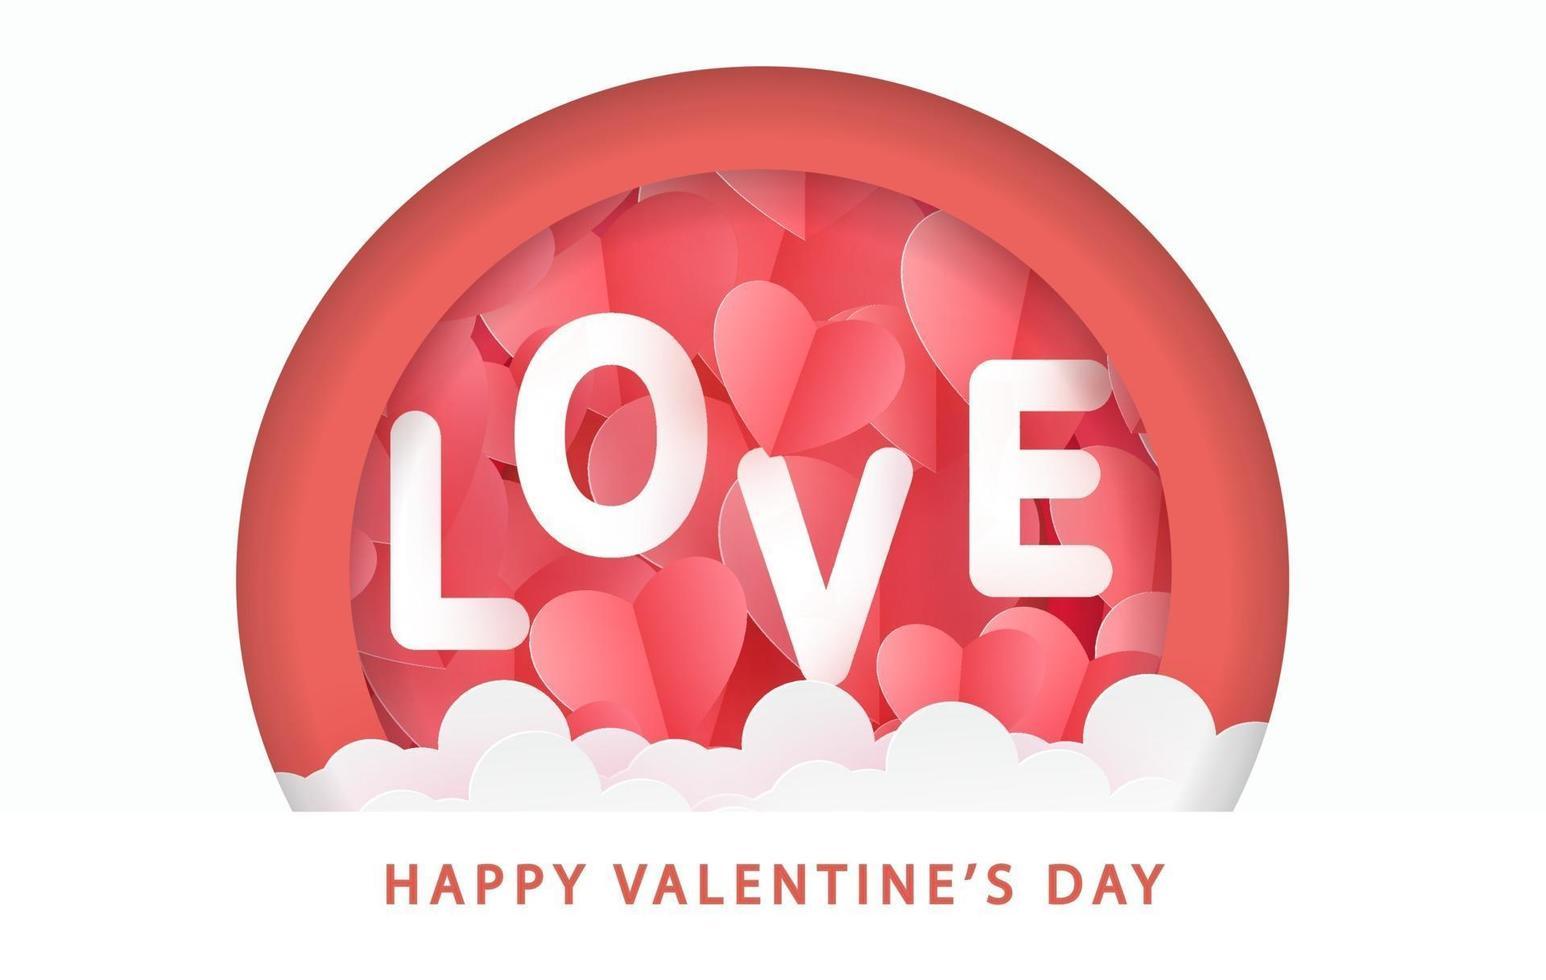 Alla hjärtans dag gratulationskort med papper konst hjärtan och kärlekstext. vektor